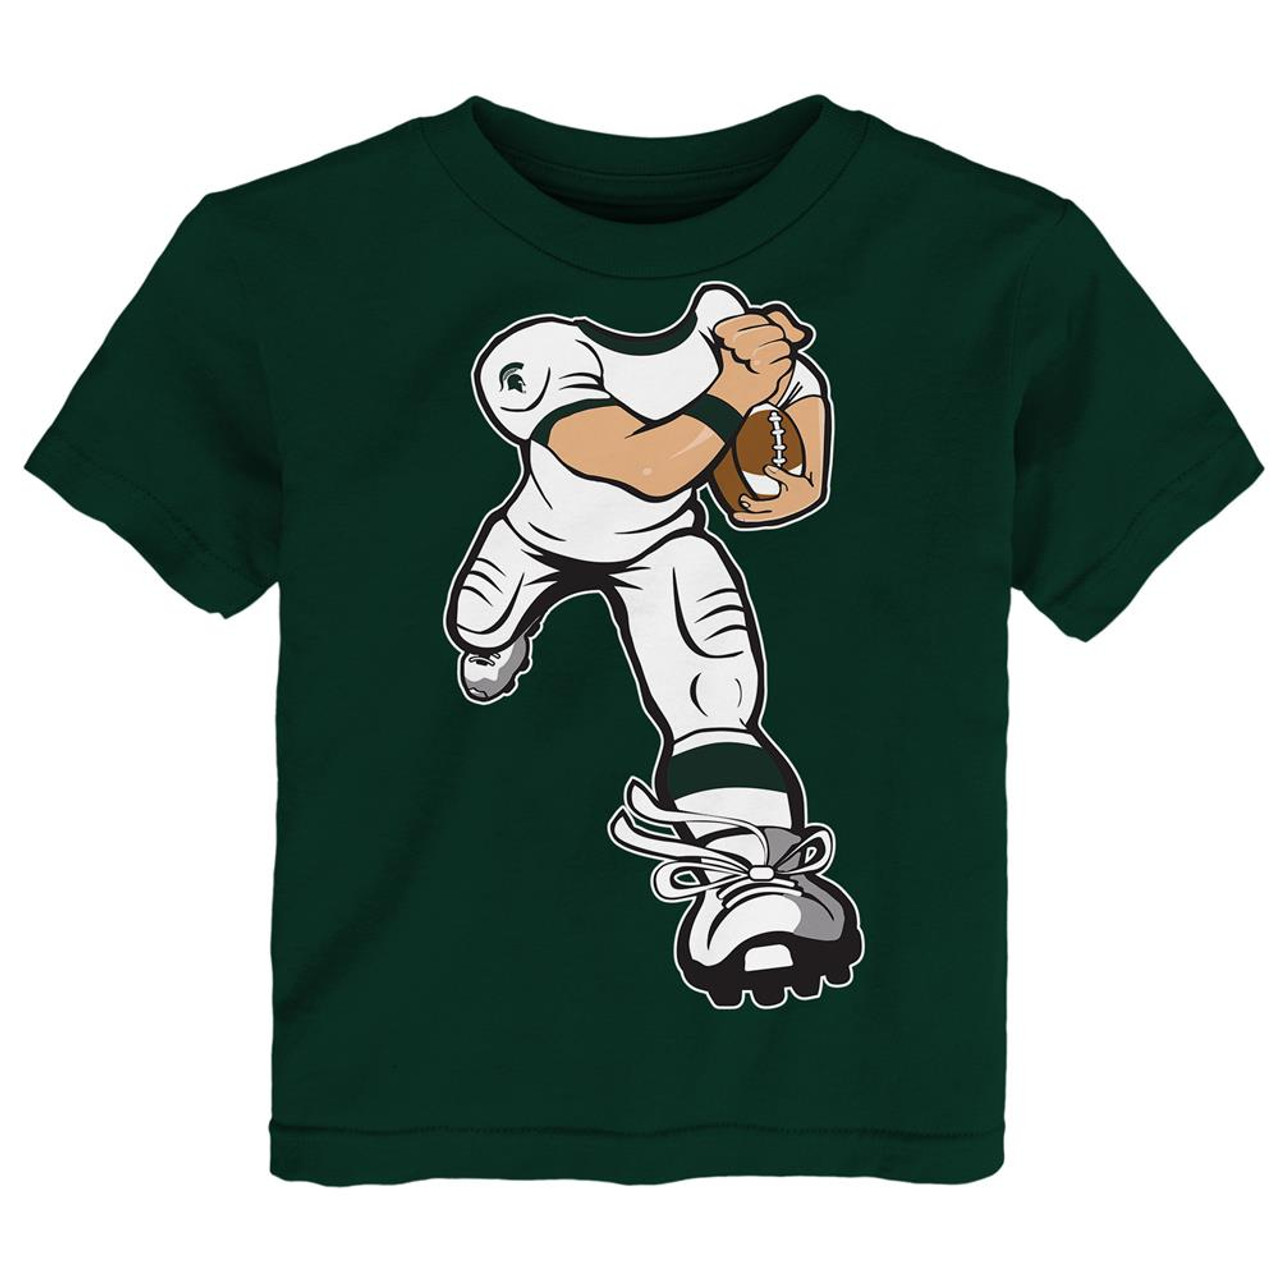 Toddler Michigan State University Tee Yard Rush Toddler T-Shirt